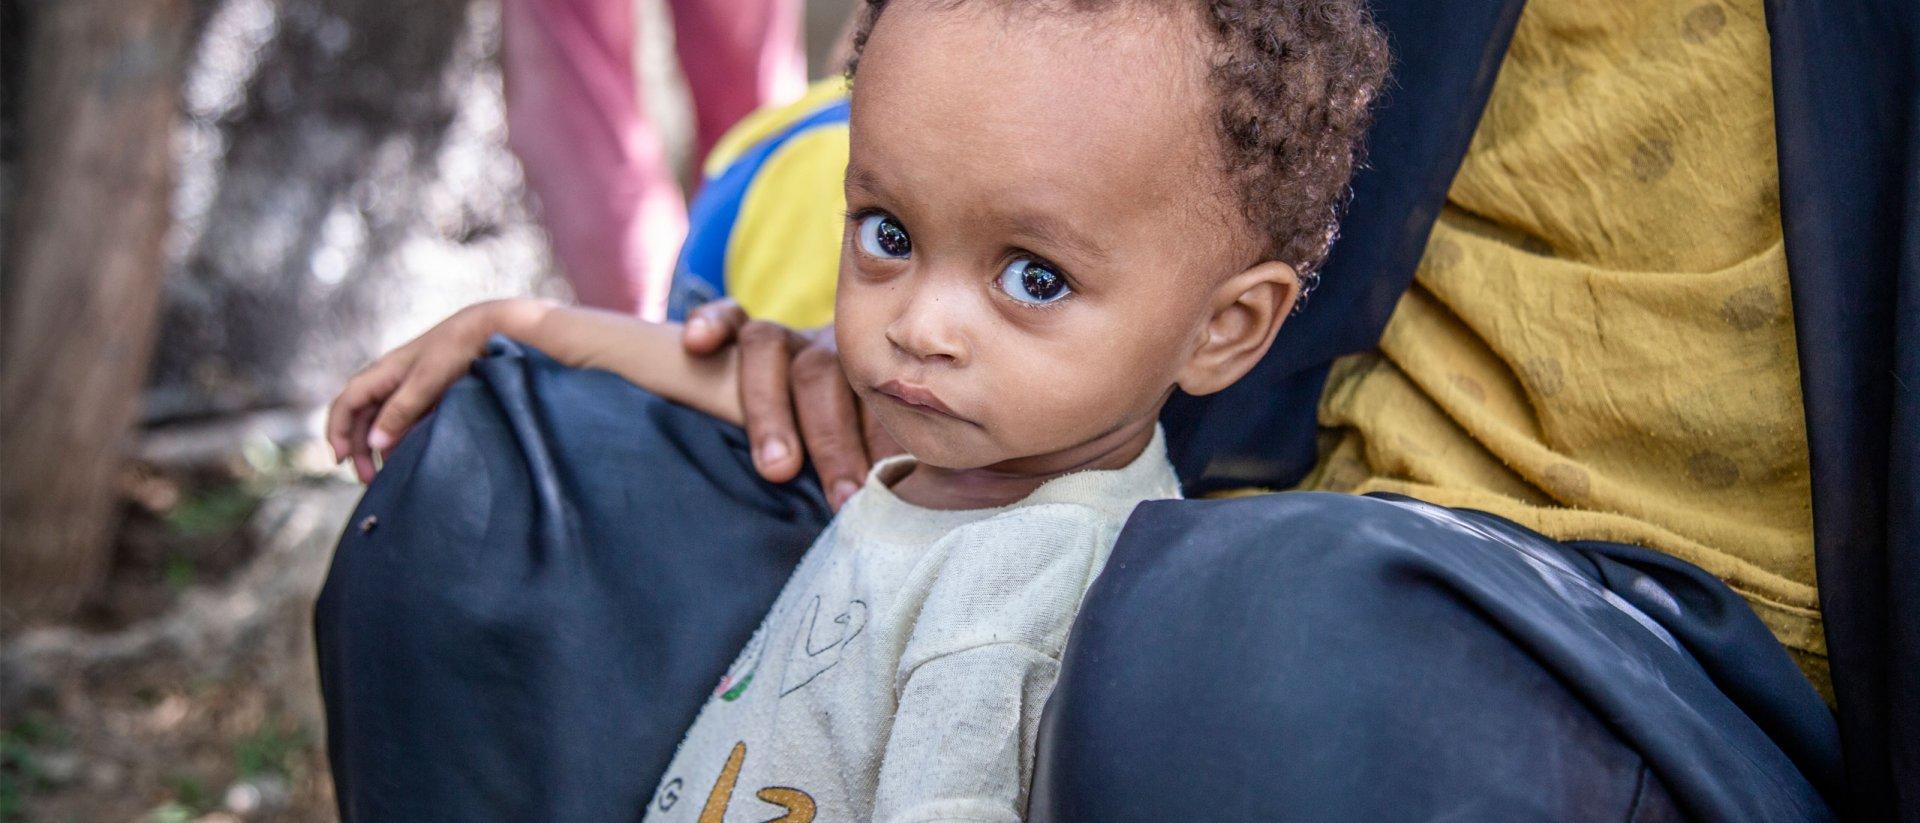 Noura tiene 15 meses y sufre de desnutrición severa